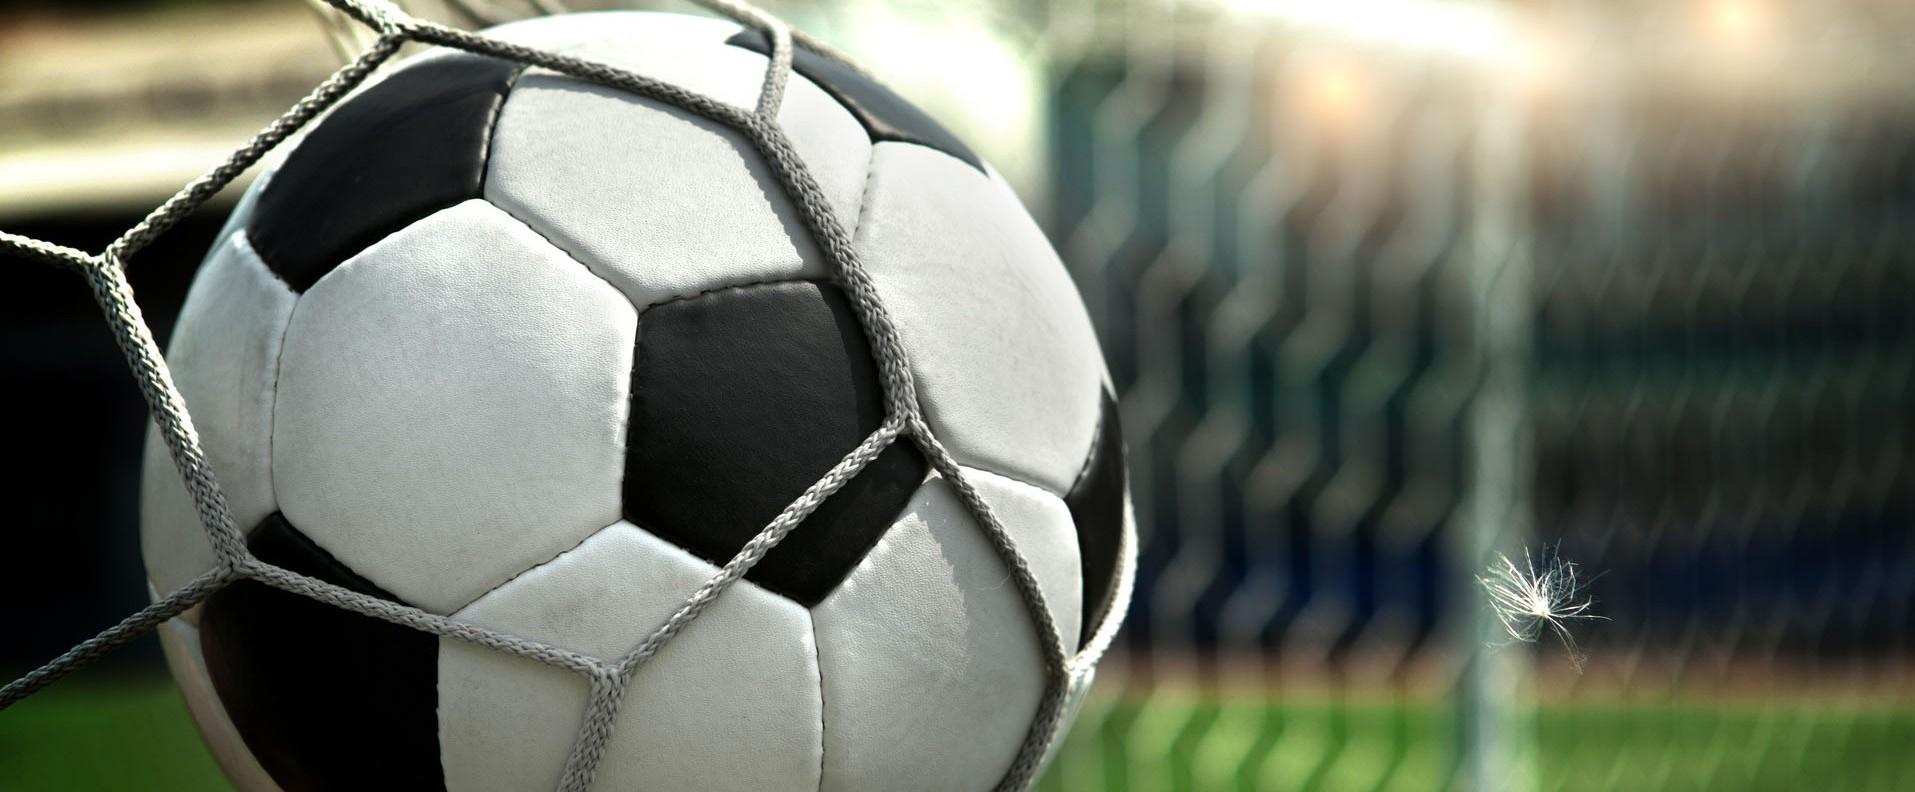 6959755-soccer-ball-goal